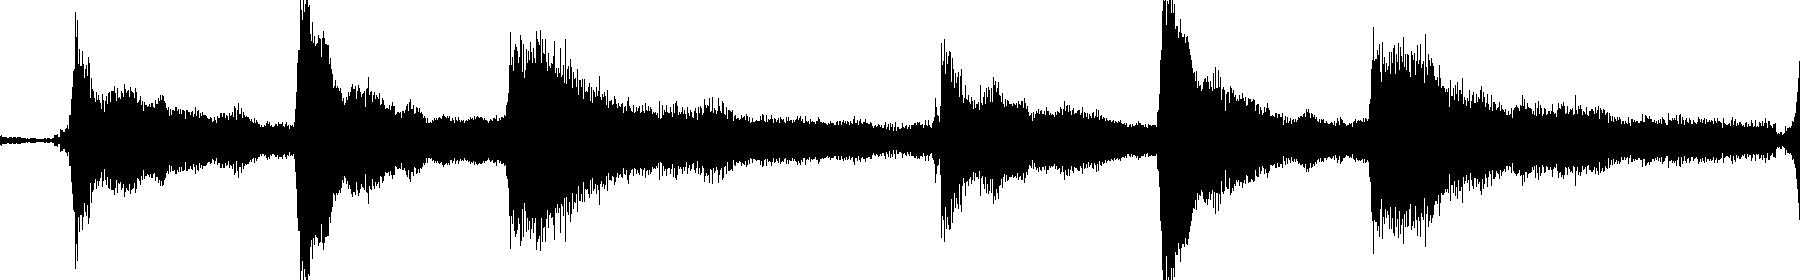 5 audio 0001 2020 03 28 113509